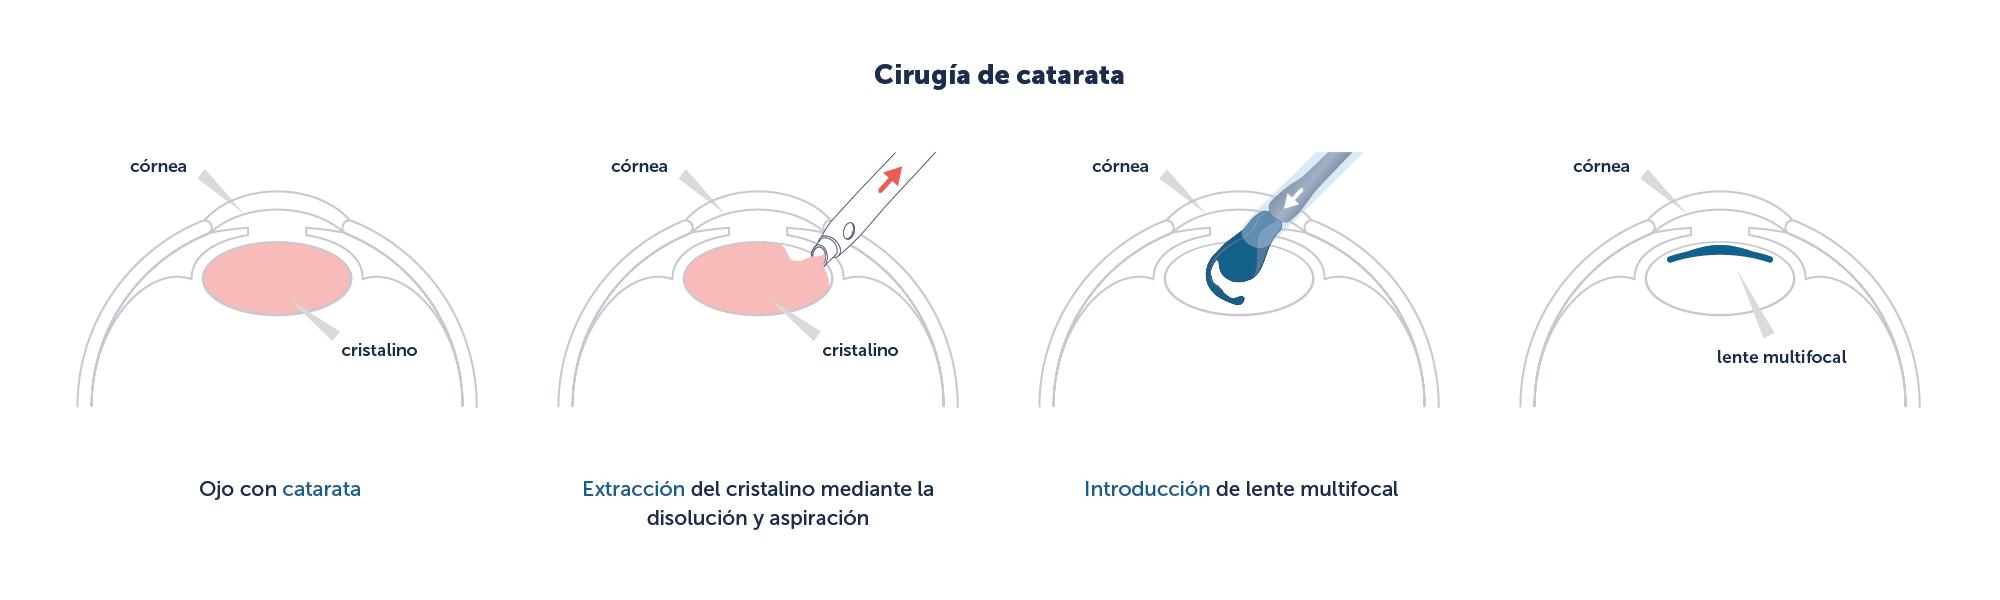 Proceso de implantación de una LIO durante la cirugía de catarata